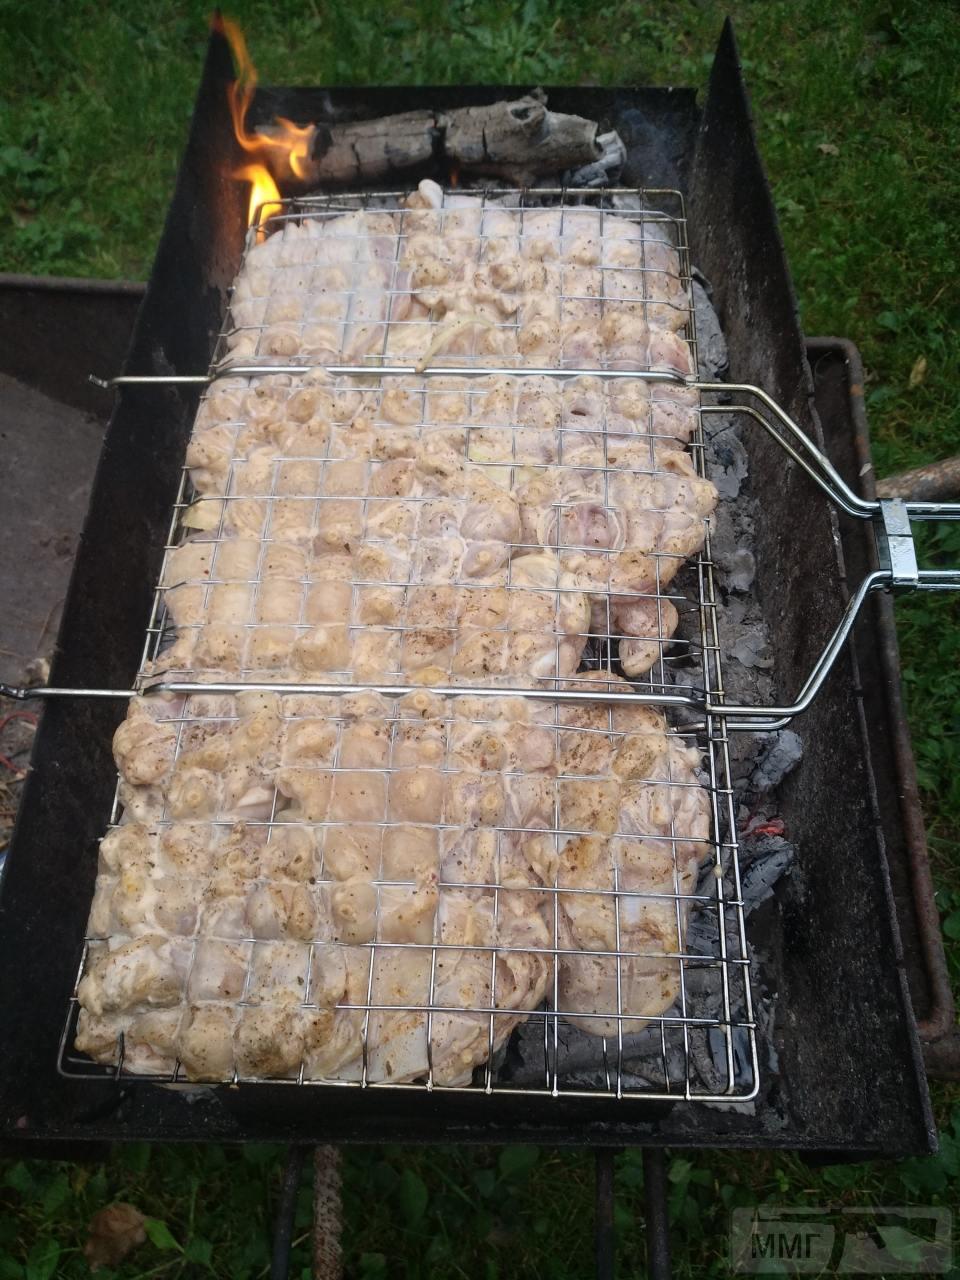 34925 - Закуски на огне (мангал, барбекю и т.д.) и кулинария вообще. Советы и рецепты.